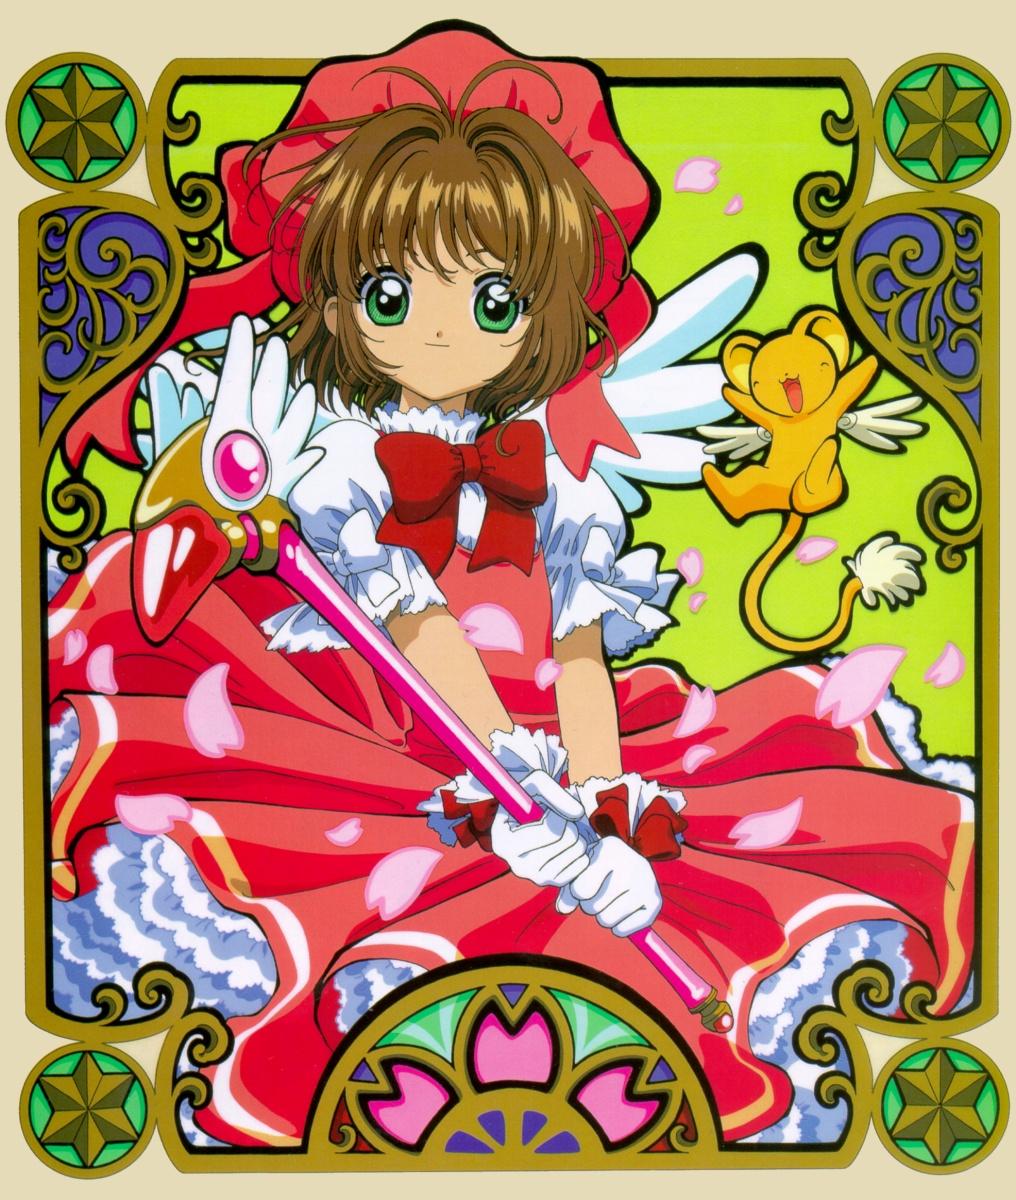 musica de sakura cazadora de cartas: